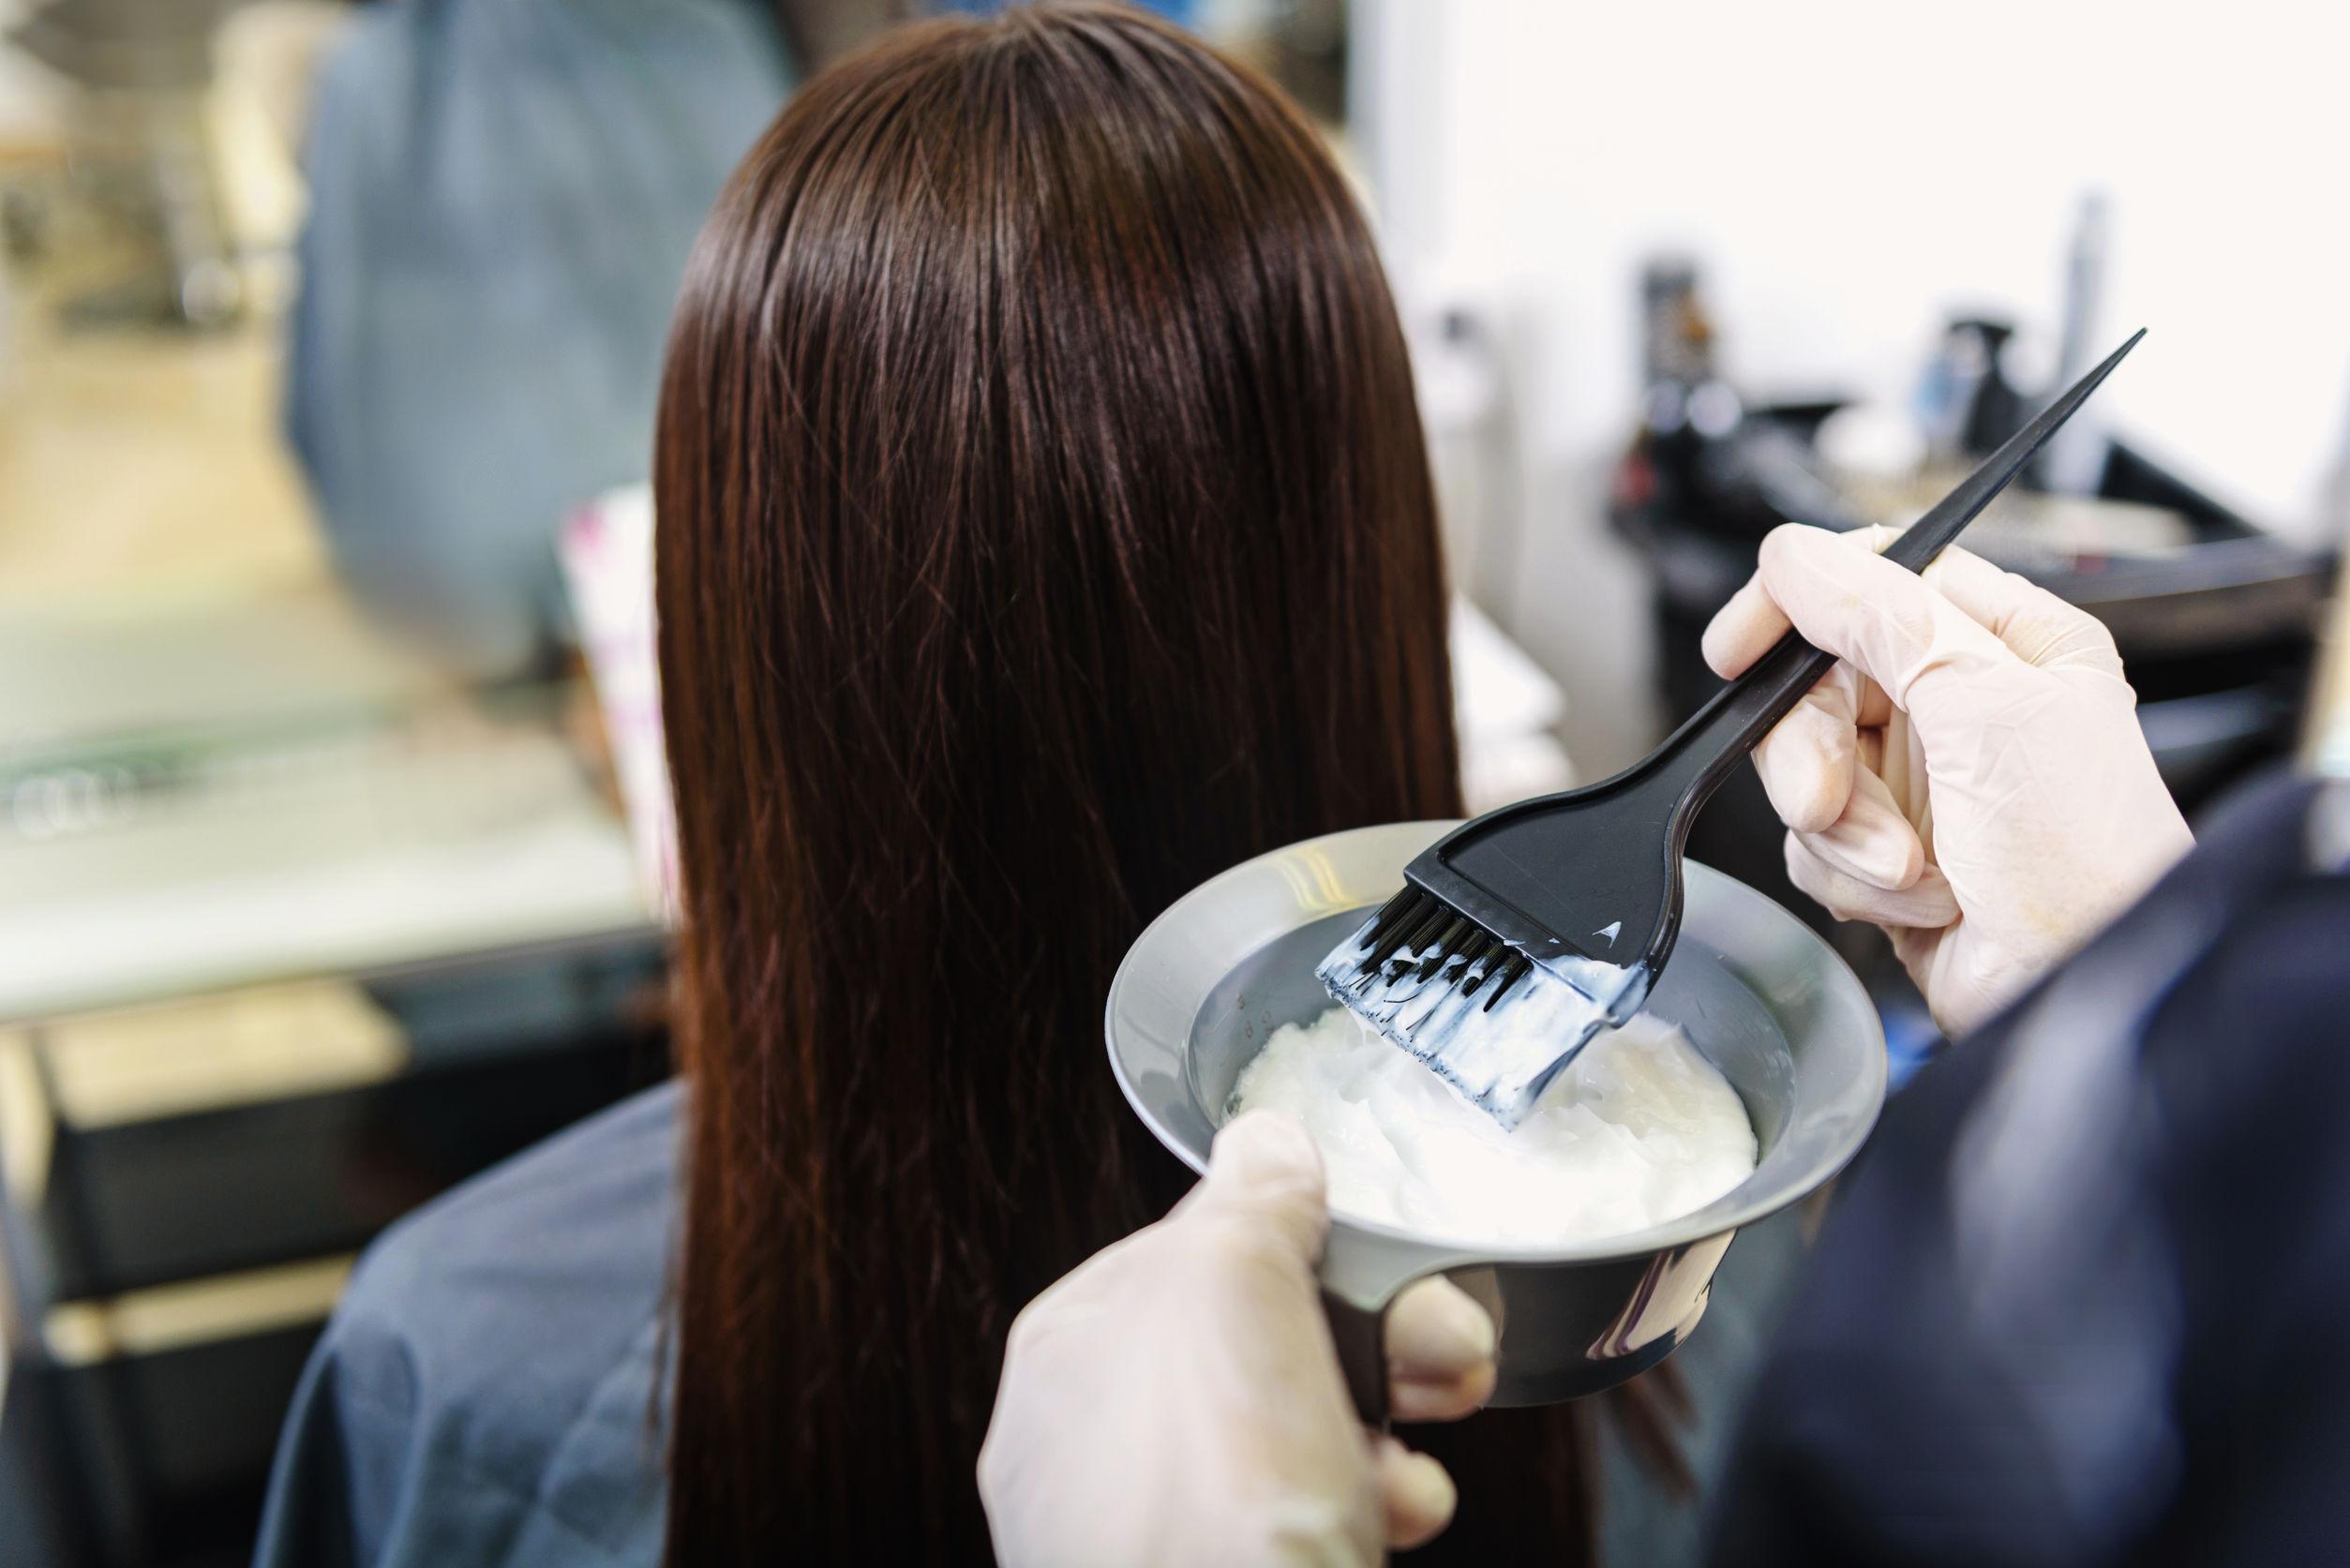 Estilista aplicando acondicionador en cabello de mujer